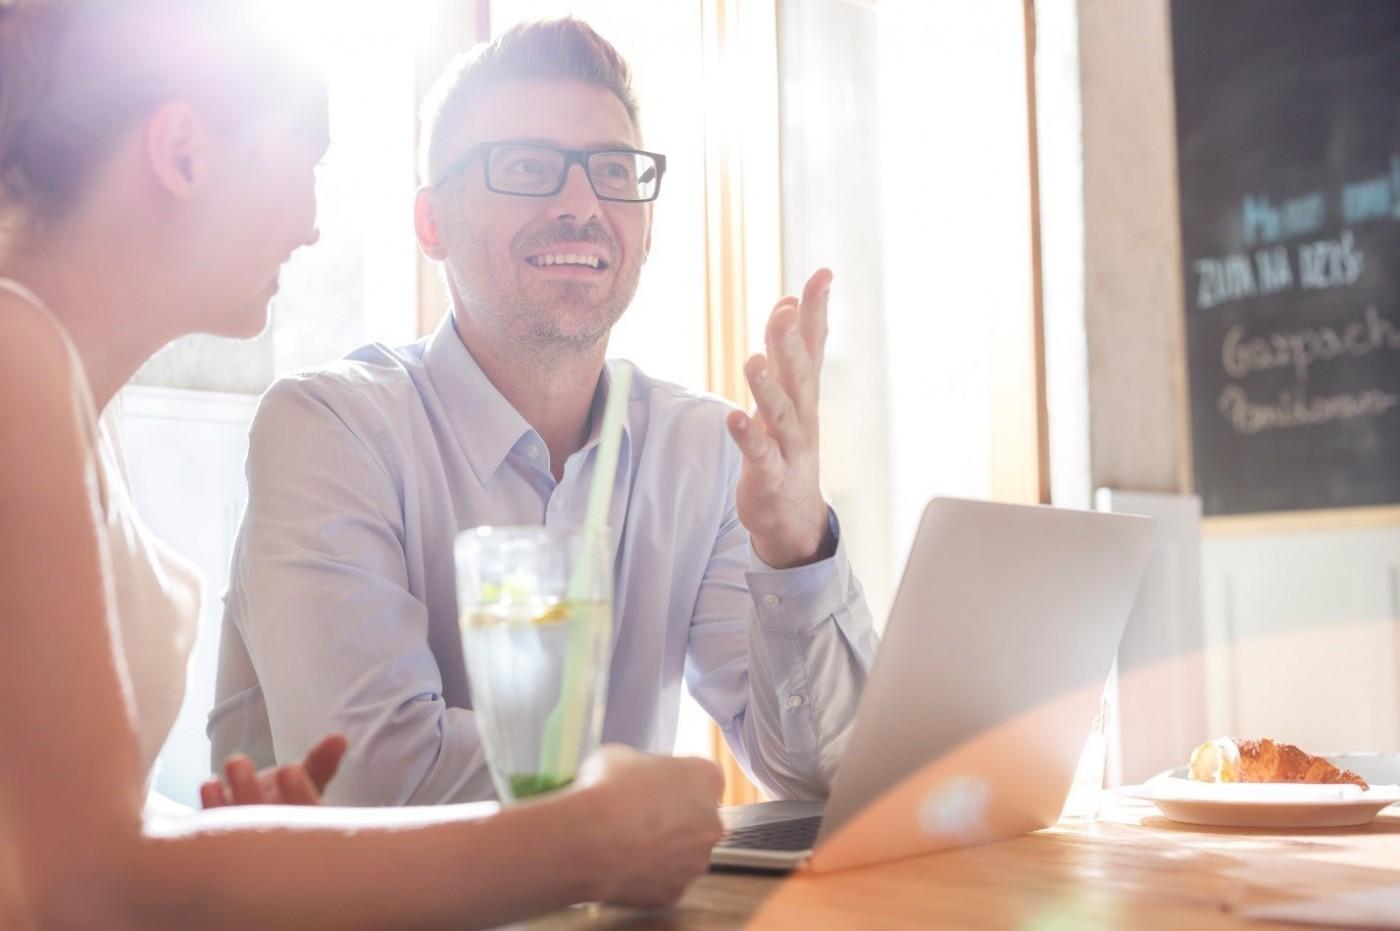 未來商務的成功秘訣,善用「顧客體驗」創造長效收益!